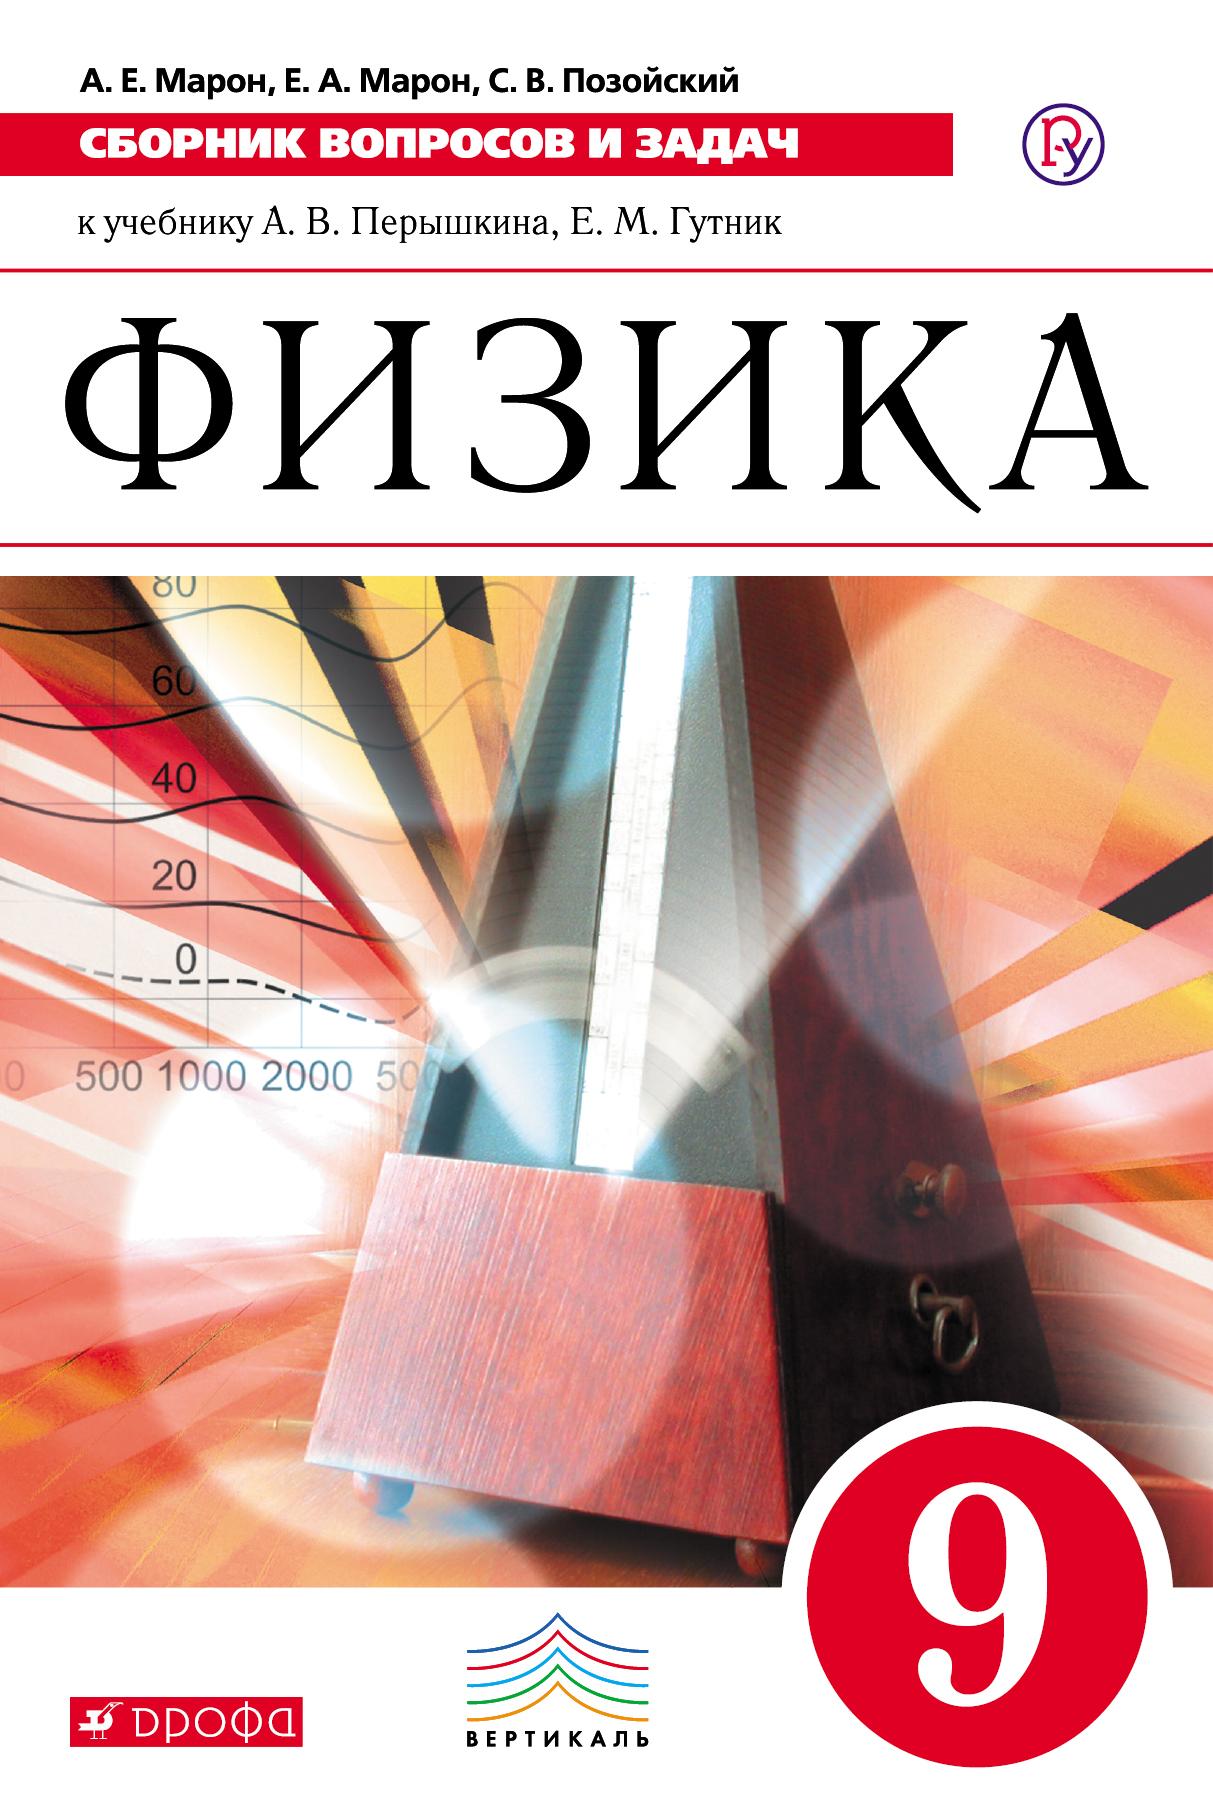 Сборник вопросов и задач. Физика. 9 класс ( Марон А.Е., Позойский С.В., Марон Е.А.  )